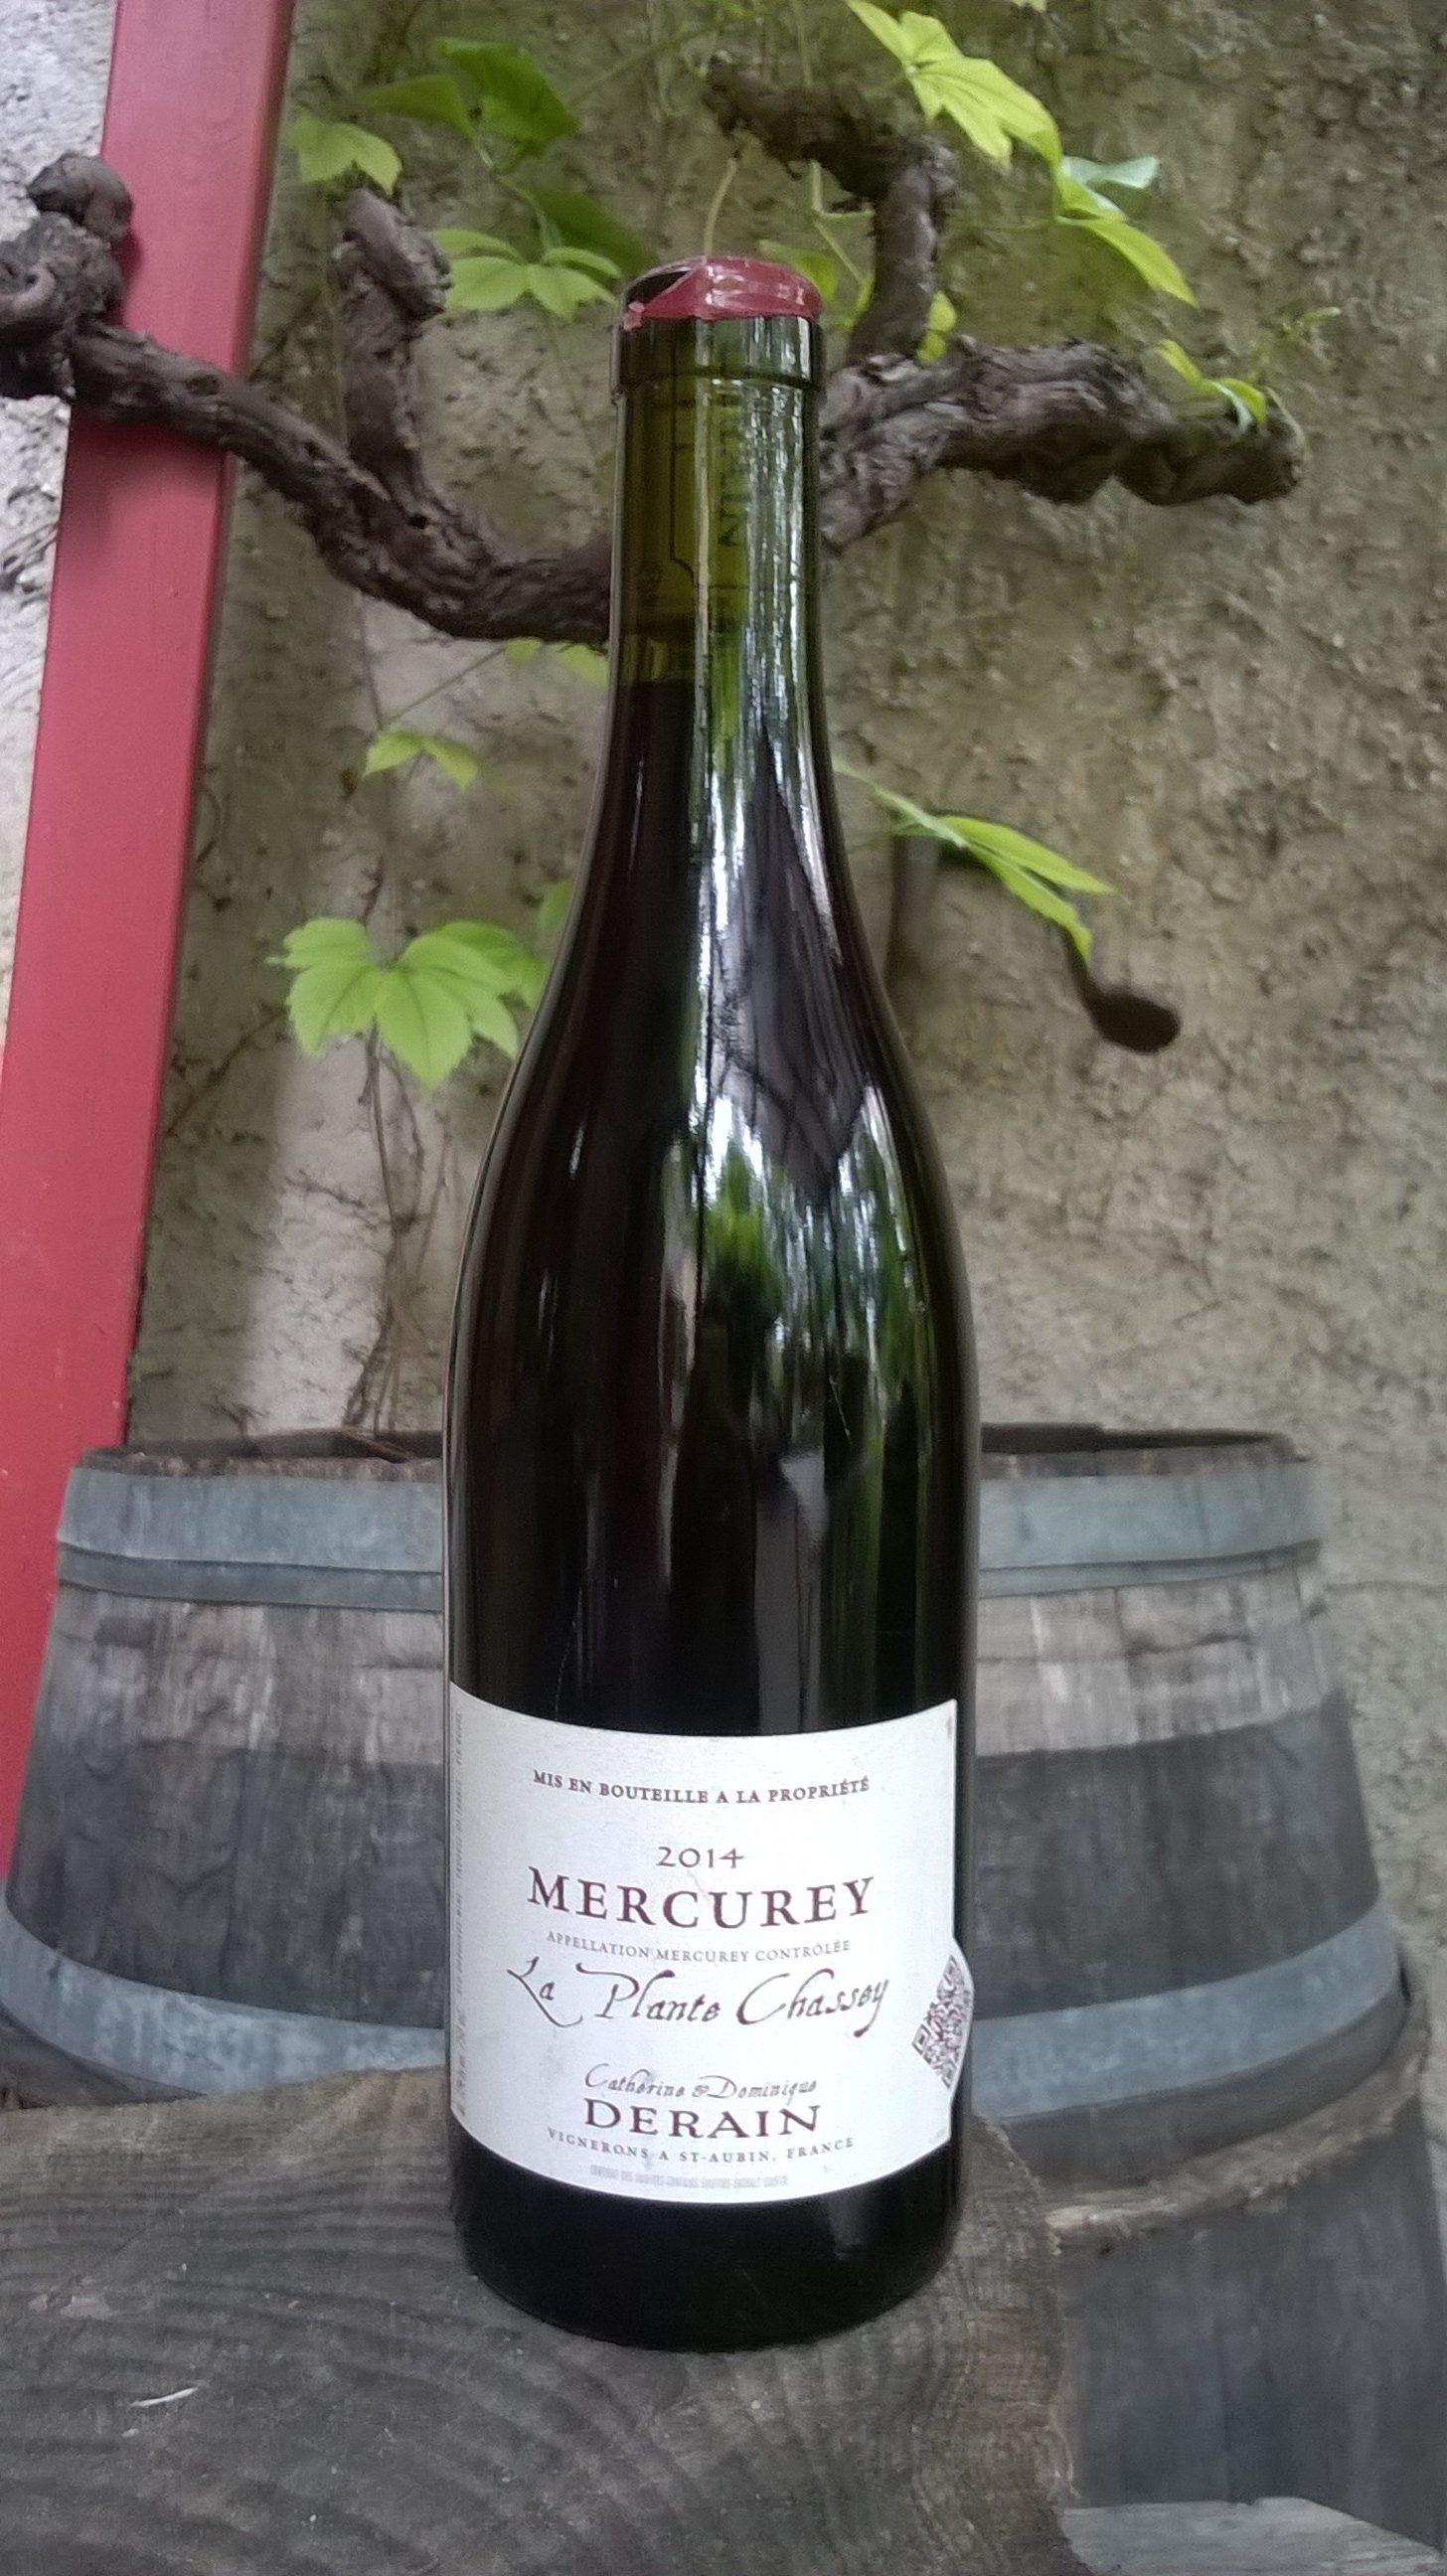 Mercurey la plante chassey 2014 domaine derain nature for Salon vin grenoble